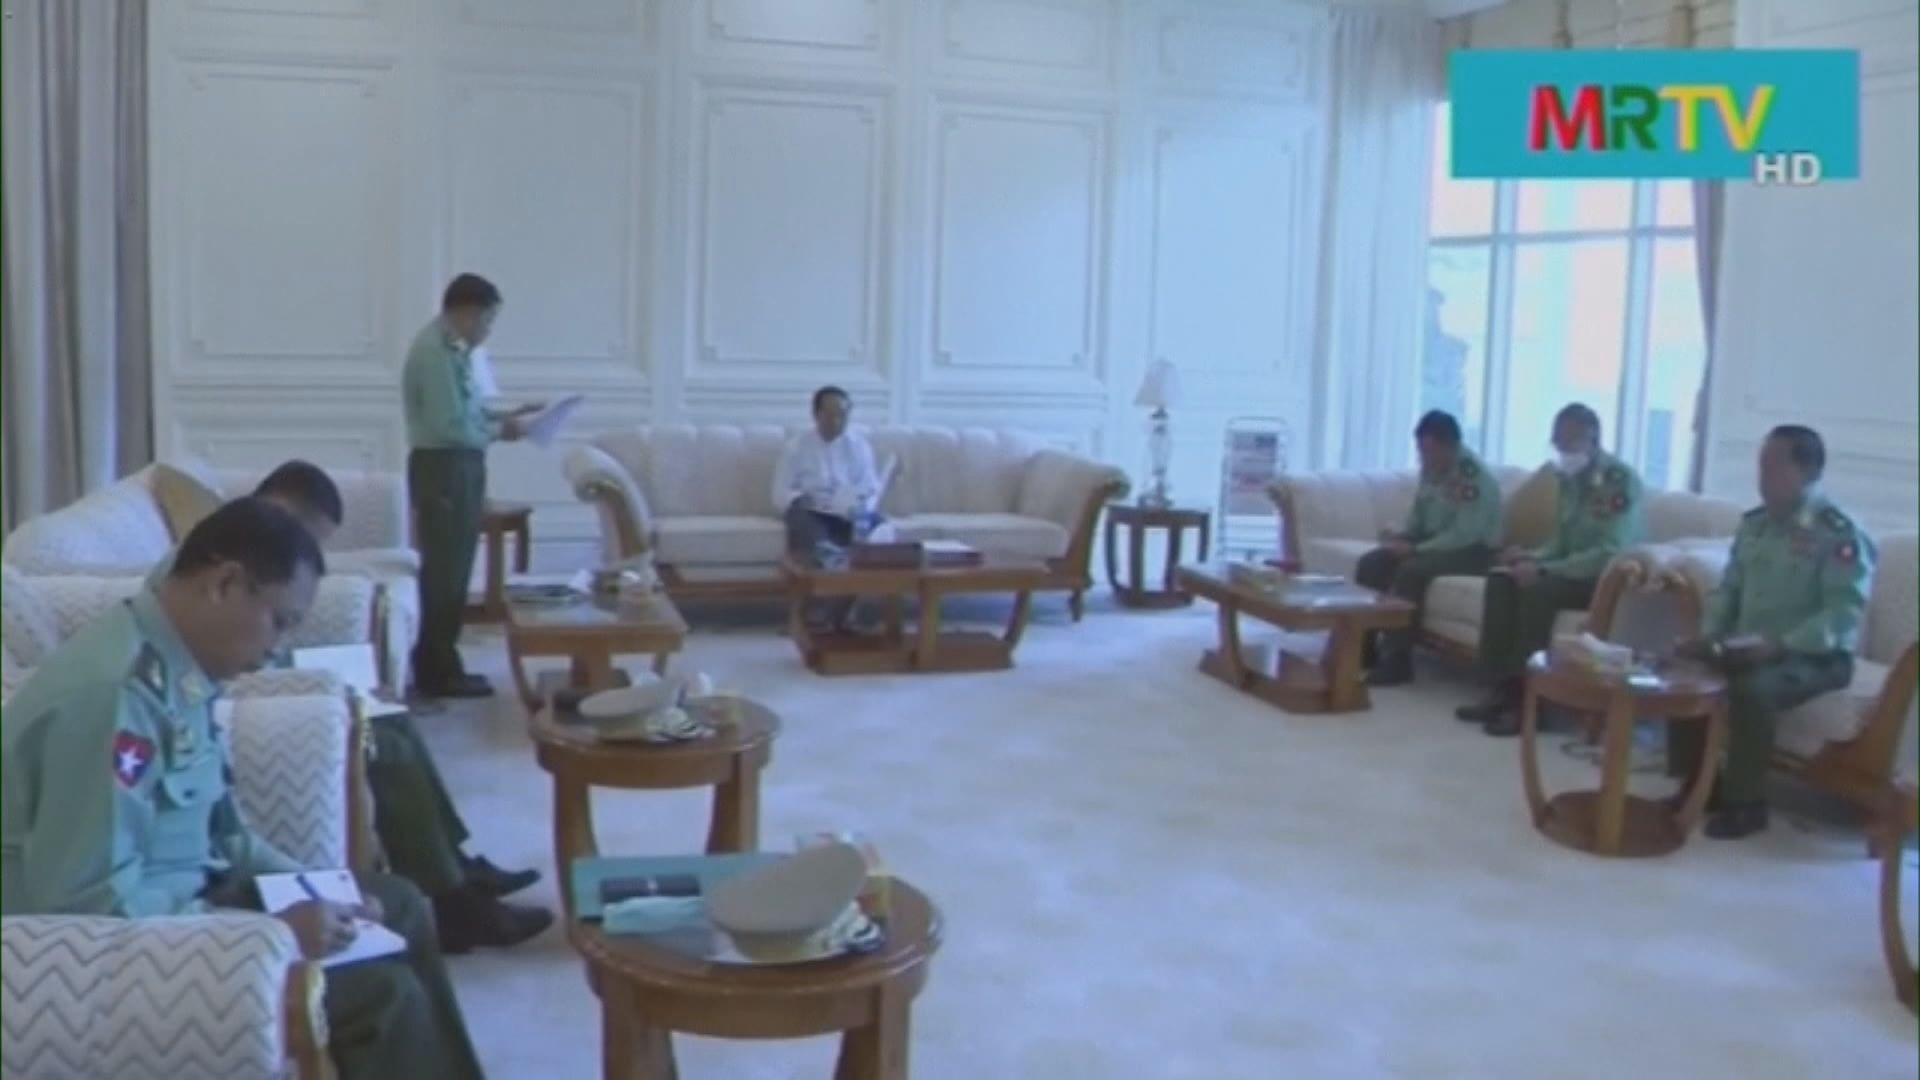 緬甸發生軍事政變後 軍方宣布大規模改組政府